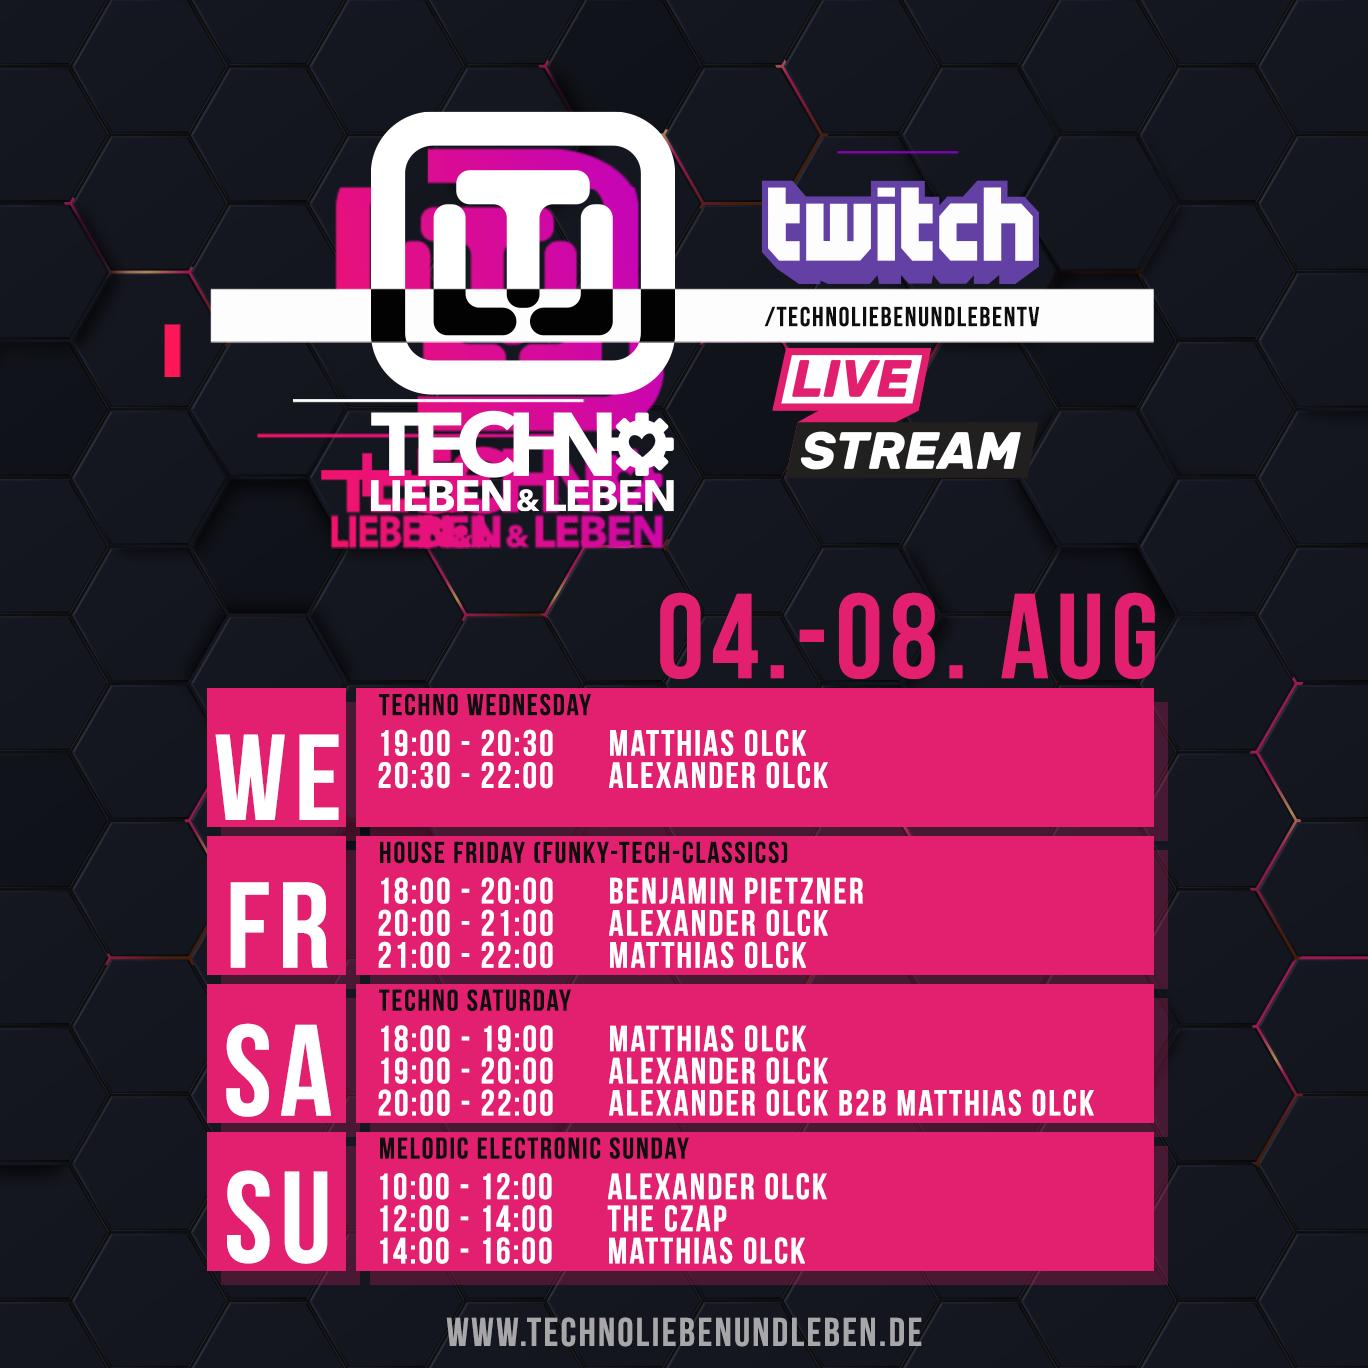 04. - 08. August Twitch Livestream